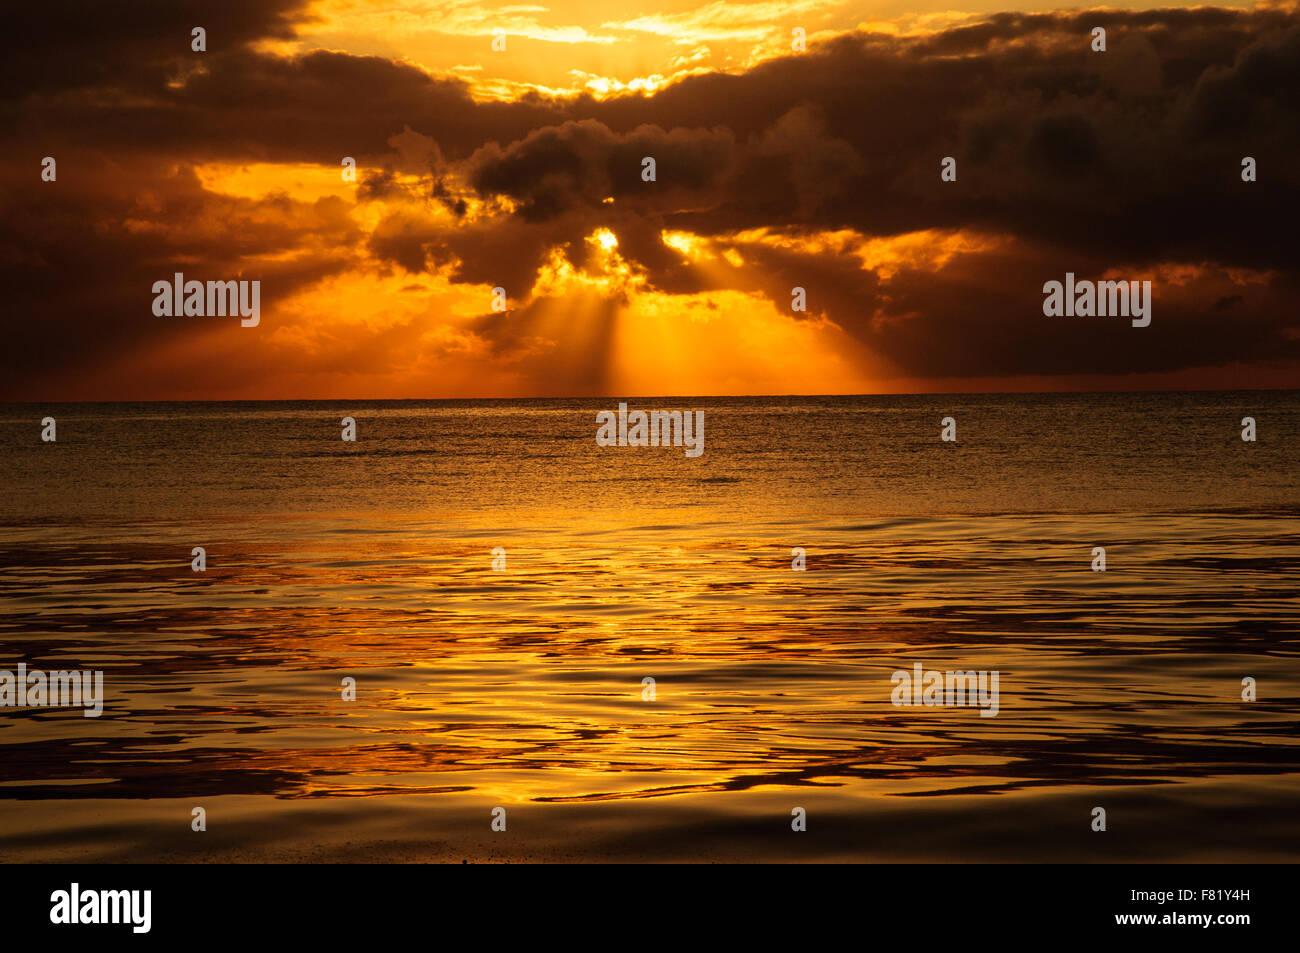 A Tanzanian sunset - Stock Image